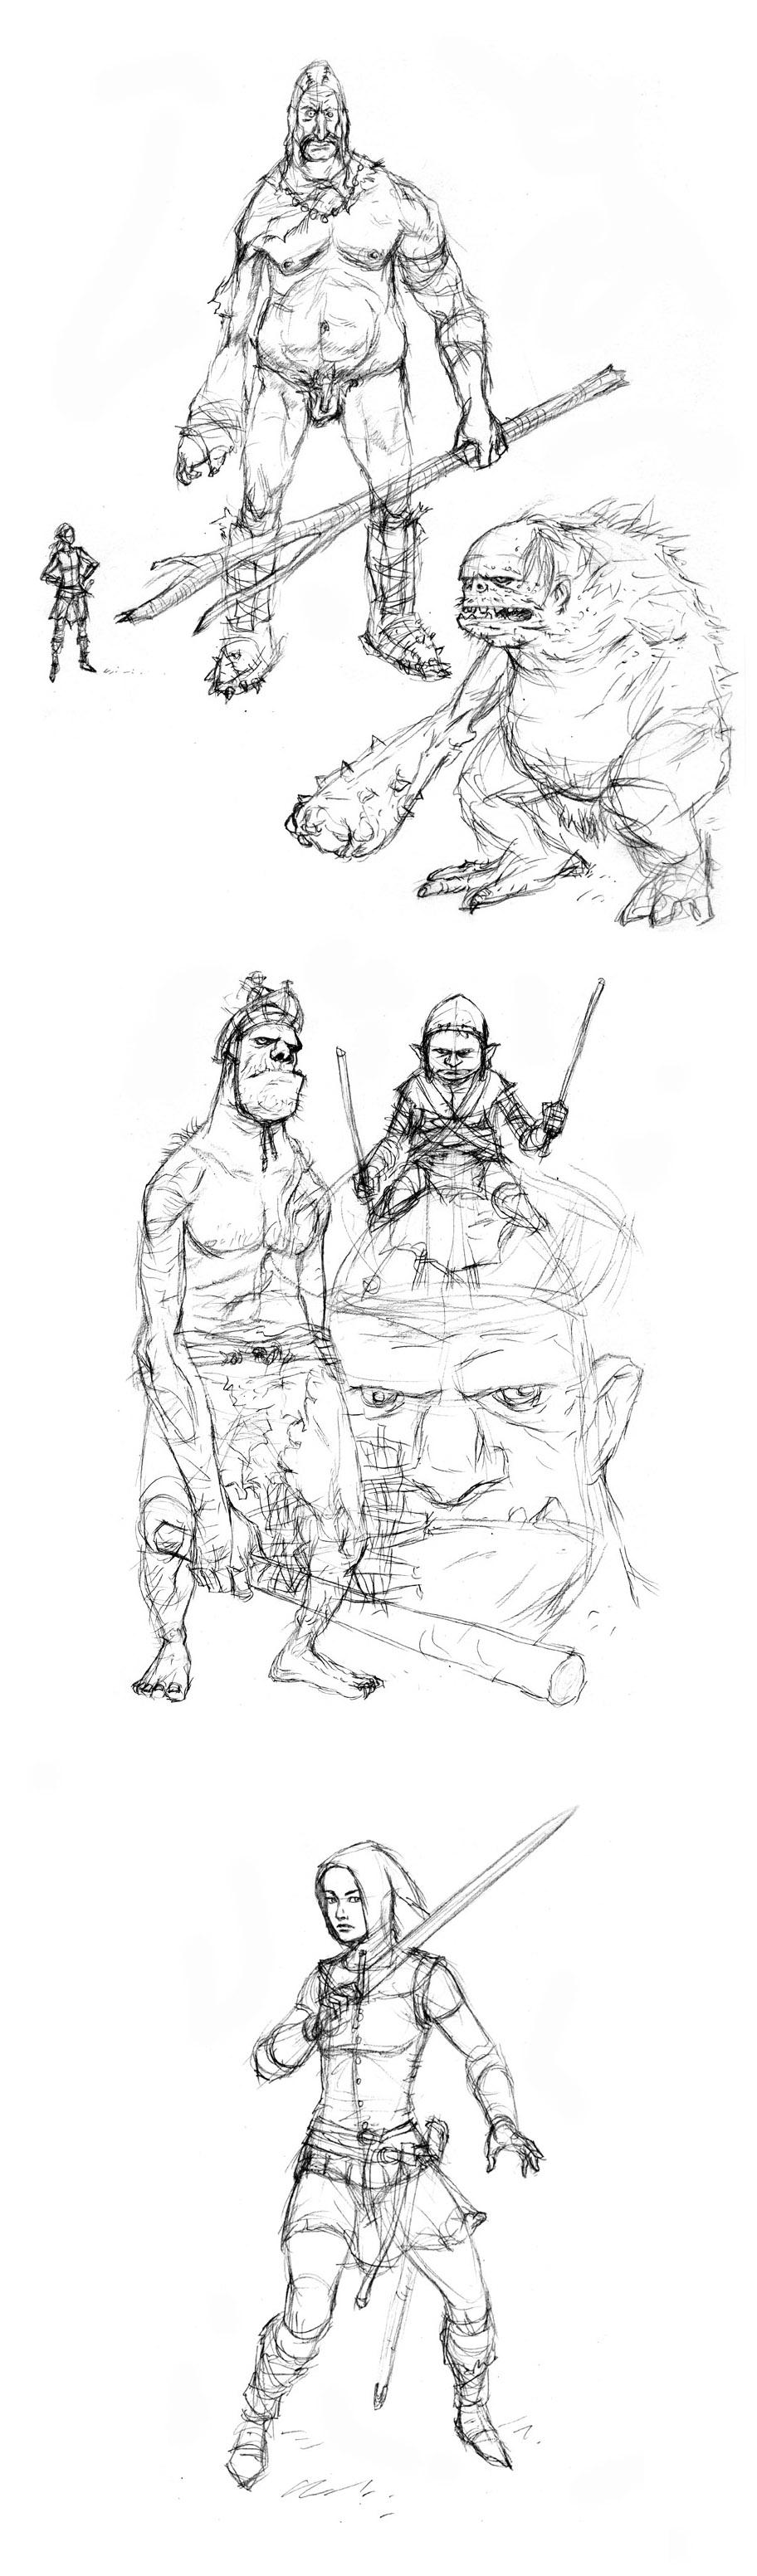 Giants & Elf Sketches